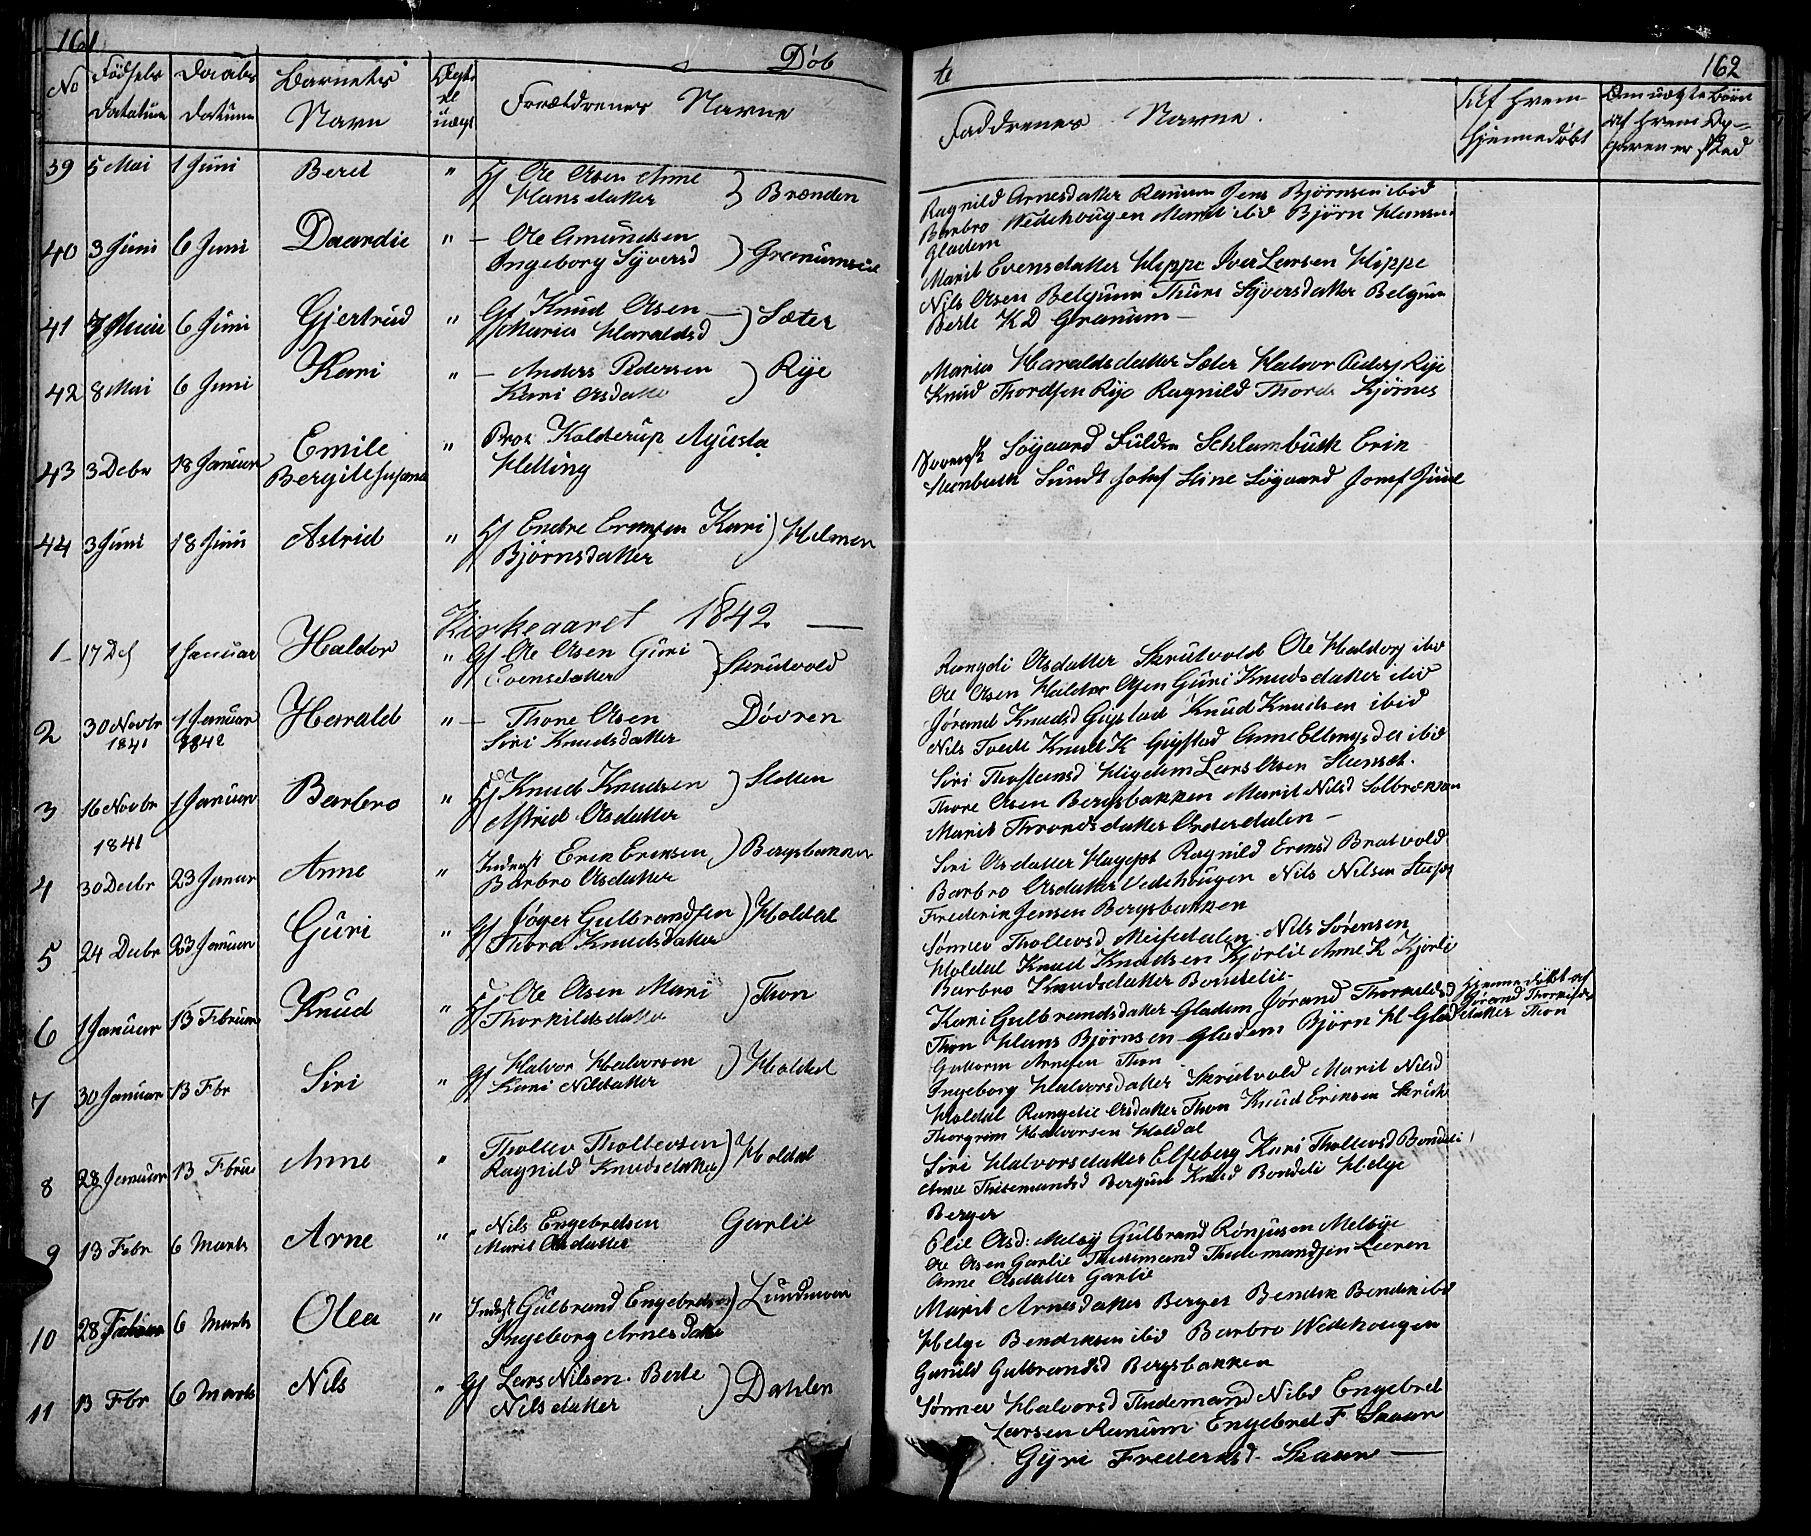 SAH, Nord-Aurdal prestekontor, Klokkerbok nr. 1, 1834-1887, s. 161-162